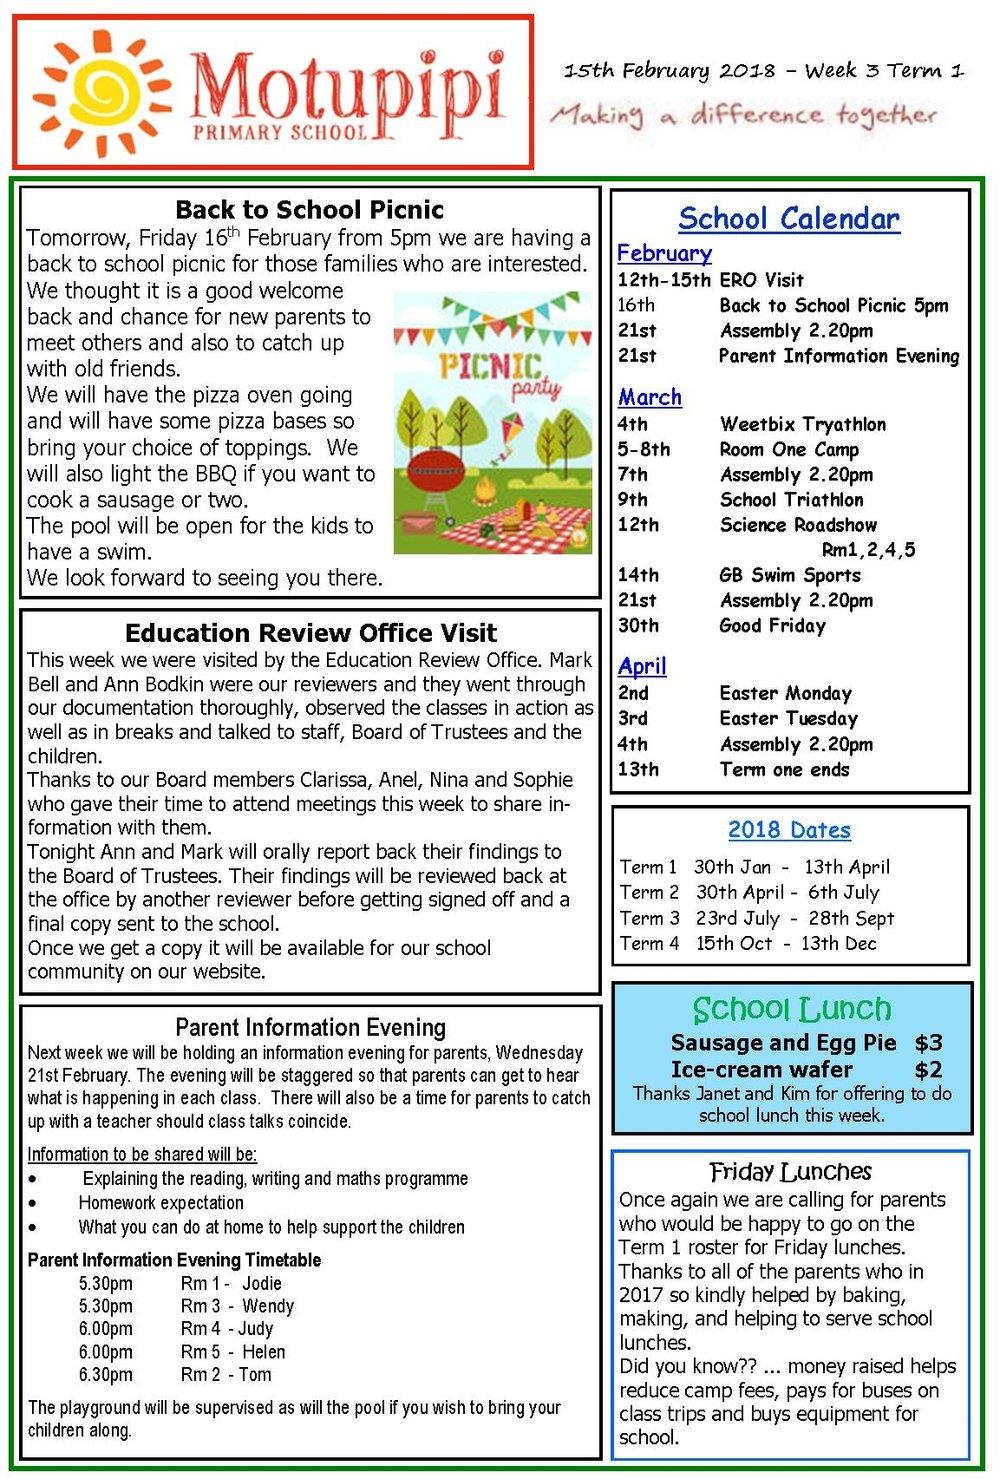 15th Feb Page 1.jpg